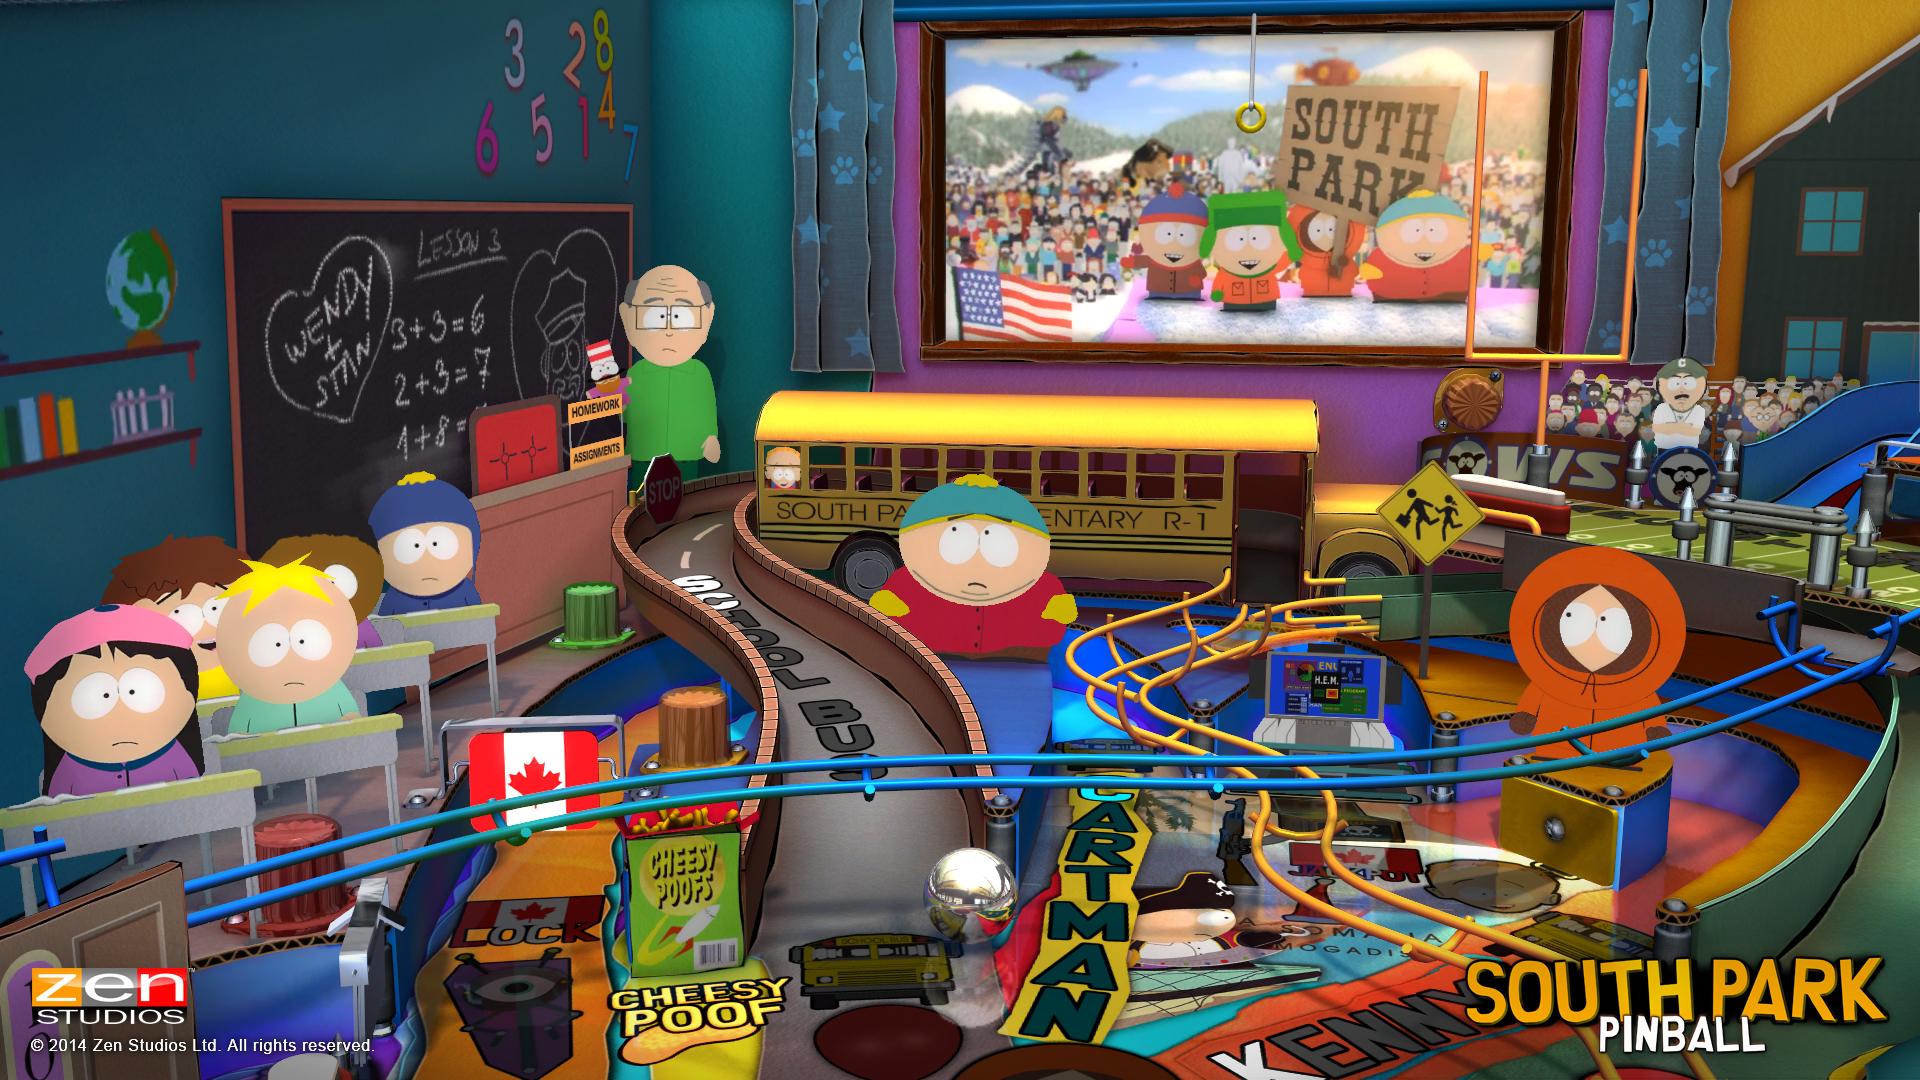 Zen Pinball South Park Super Sweet Pinball Review Screenshot 3